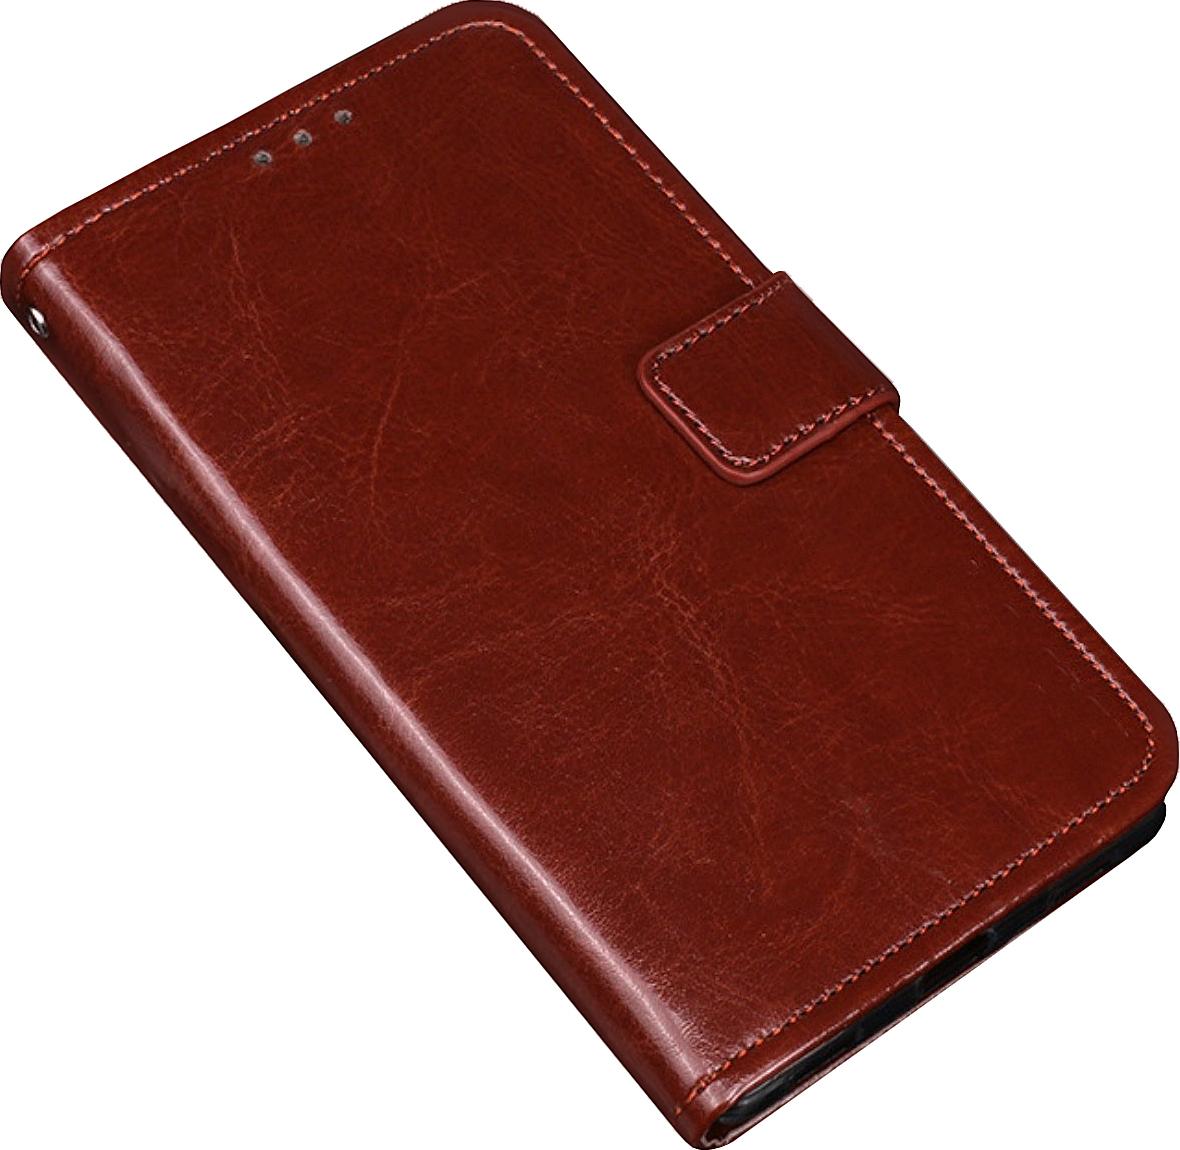 Чехол-книжка MyPads для Sony Xperia XZ1 Compact G8441 4.6 с мульти-подставкой застежкой и визитницей коричневый